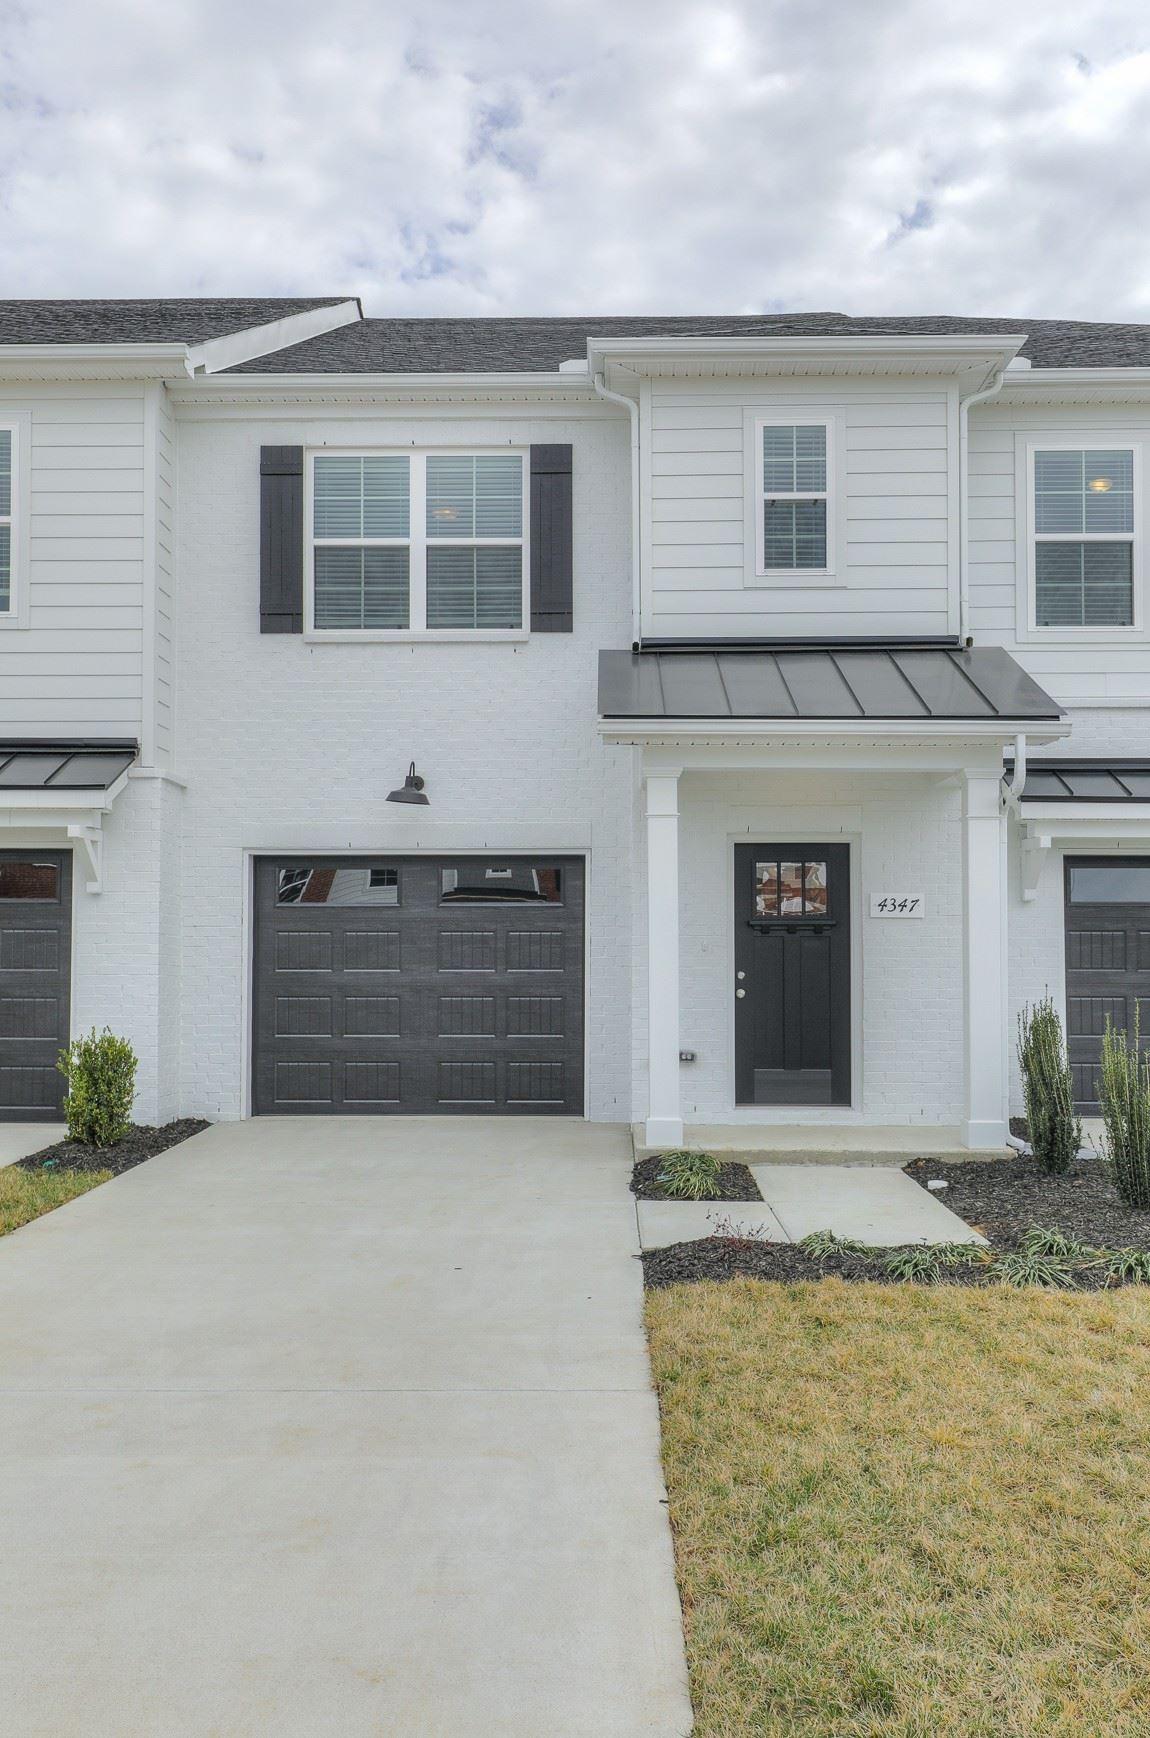 Photo of 4205 Sarazen Lane, Murfreesboro, TN 37127 (MLS # 2251873)